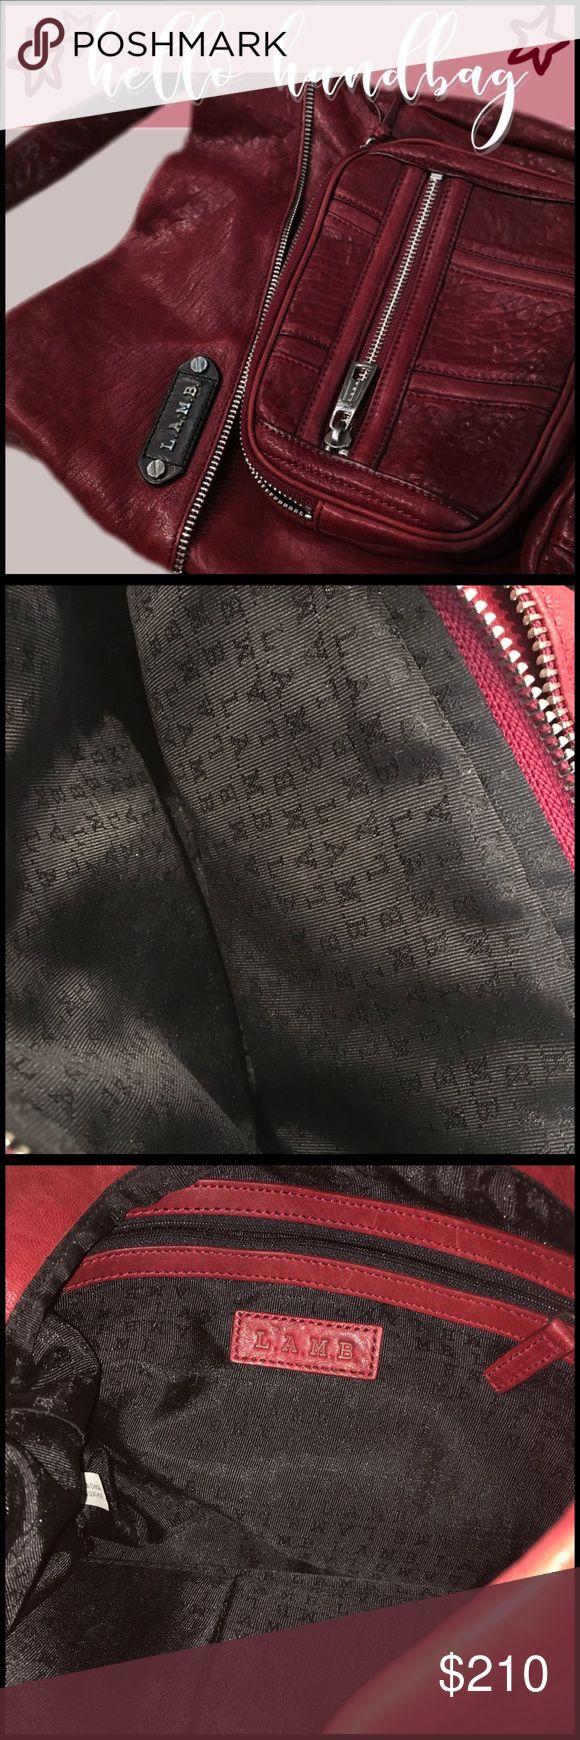 L.A.M.B Handbag L.A.M.B Handbag LAMB Bags Shoulder Bags